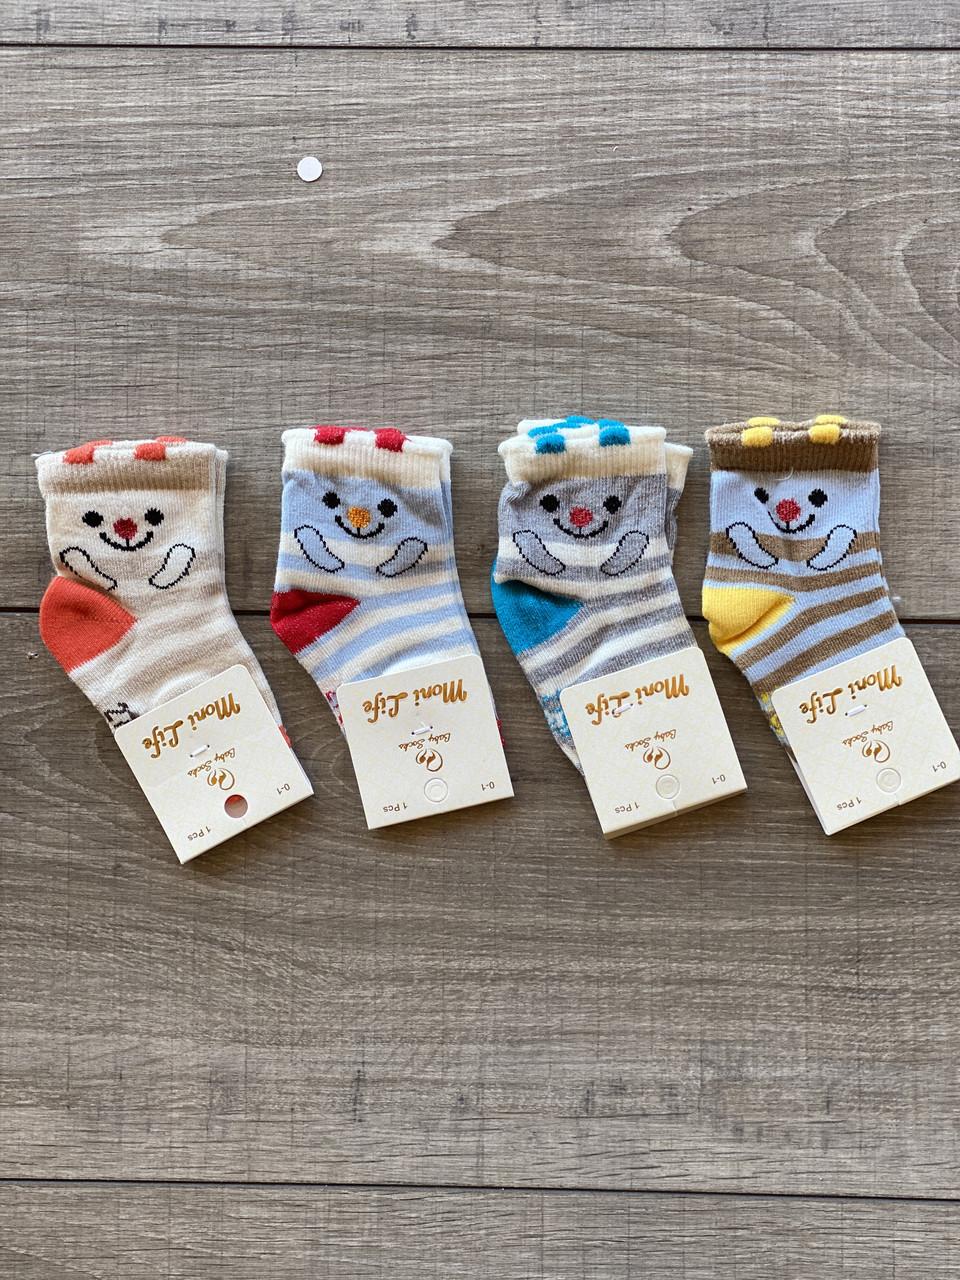 Шкарпетки Moni Life для немовлят бавовна для дівчаток і хлопчиків 0-1 рік 12 шт в уп мікс 4 кольорів